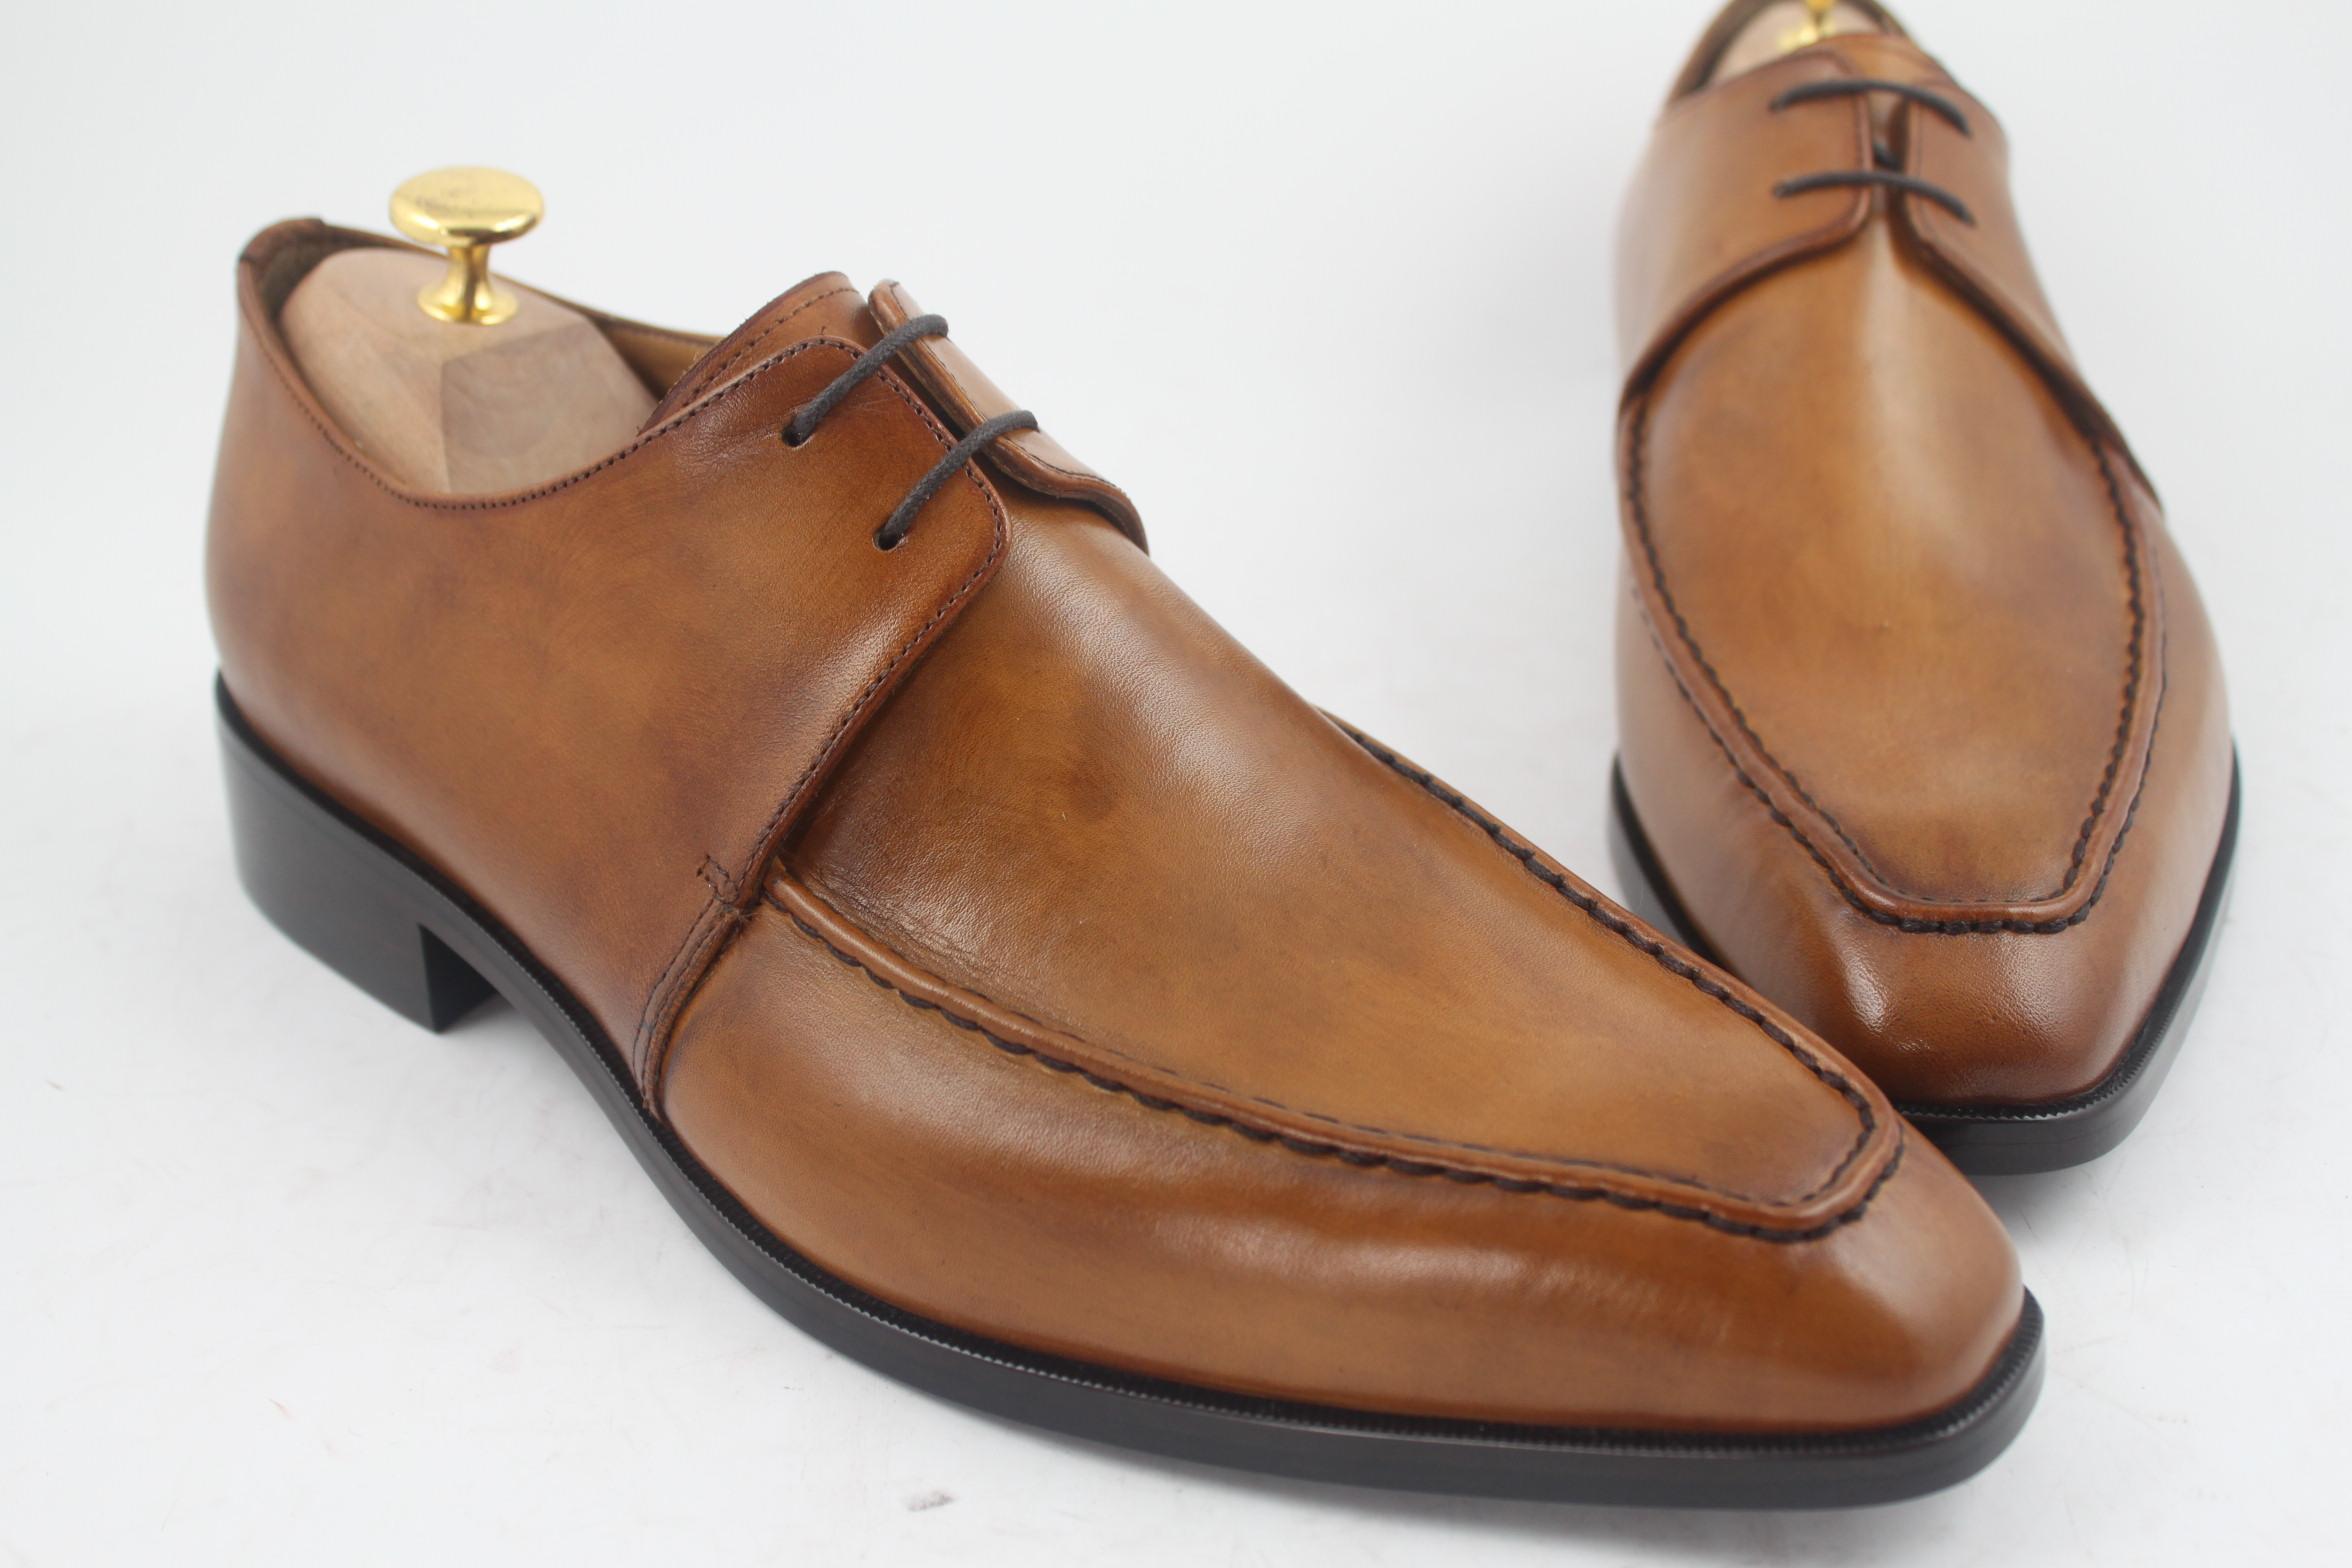 남자 드레스 신발 남자 신발 Oxfords 신발 사용자 정의 수제 신발 정품 송아지 가죽 더비 신발 색상 브라운 HD-057